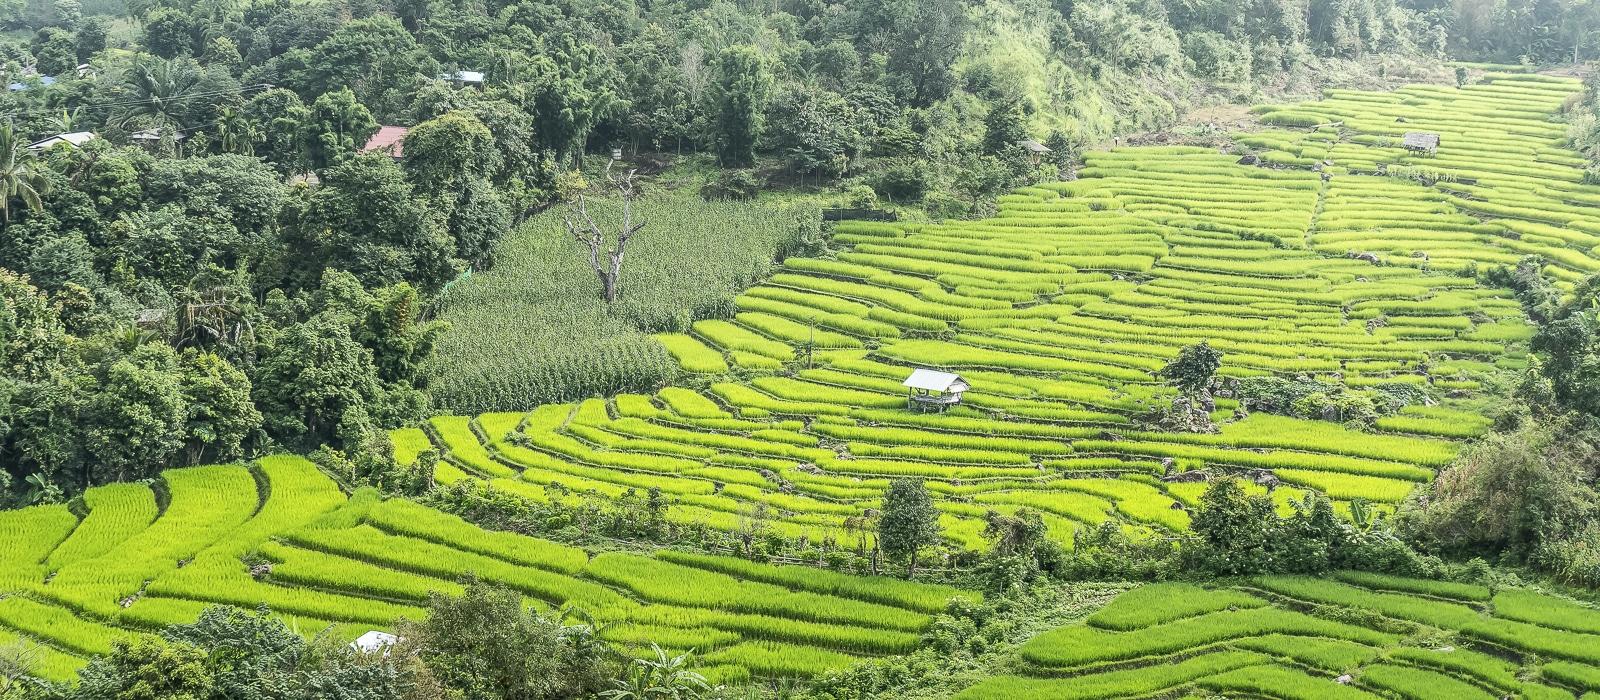 img-diapo-entete - thailande-1600x700-18.jpg